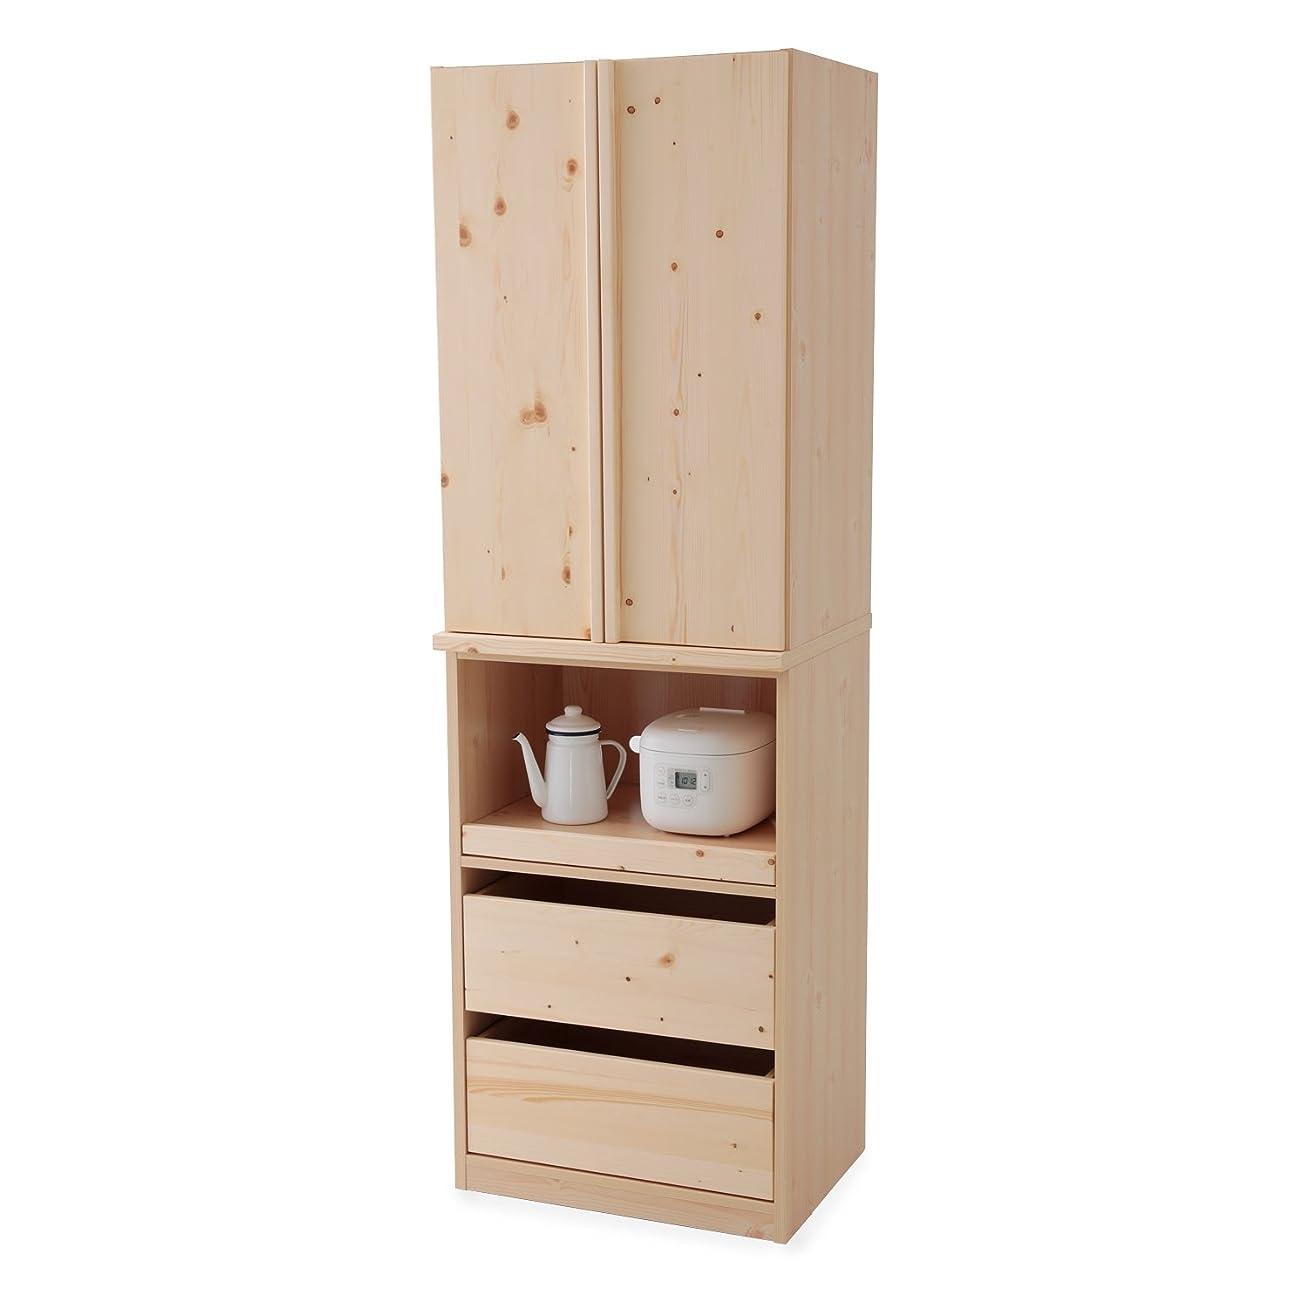 噴火植物の遅いLOWYA 食器棚 キッチンボード 木目 半完成品 幅60cm おしゃれ ナチュラル